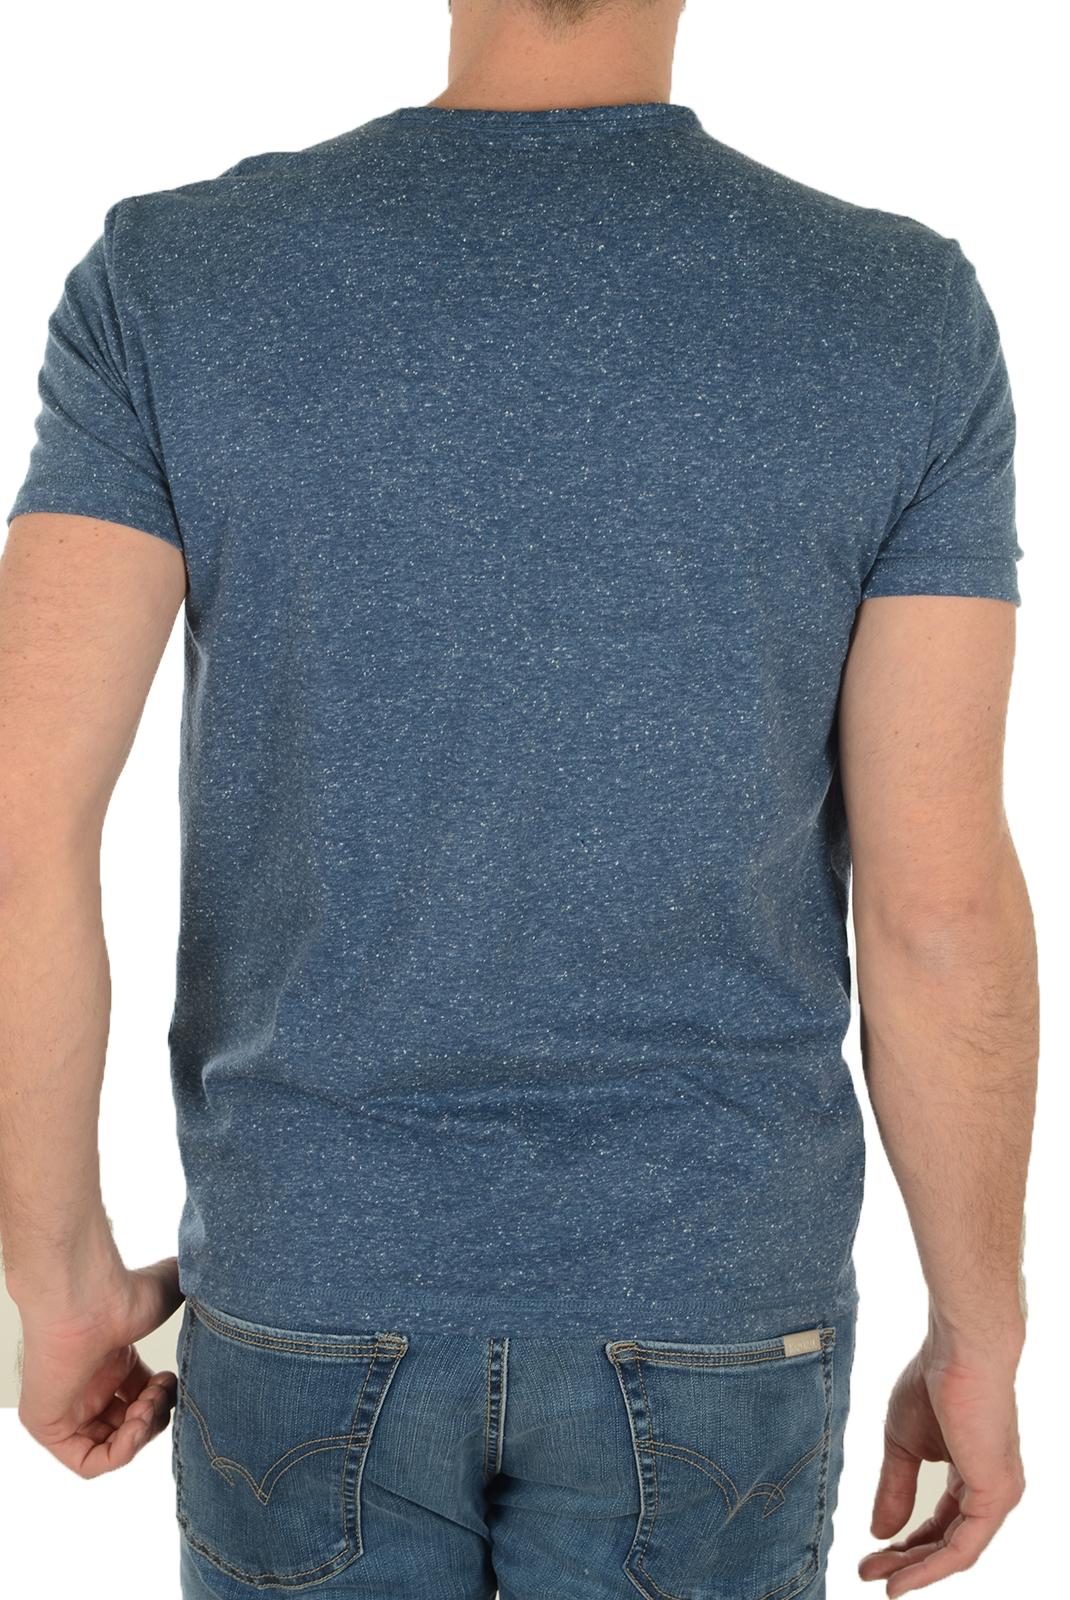 Tee-shirts  Kaporal CIAO NORTH SEA